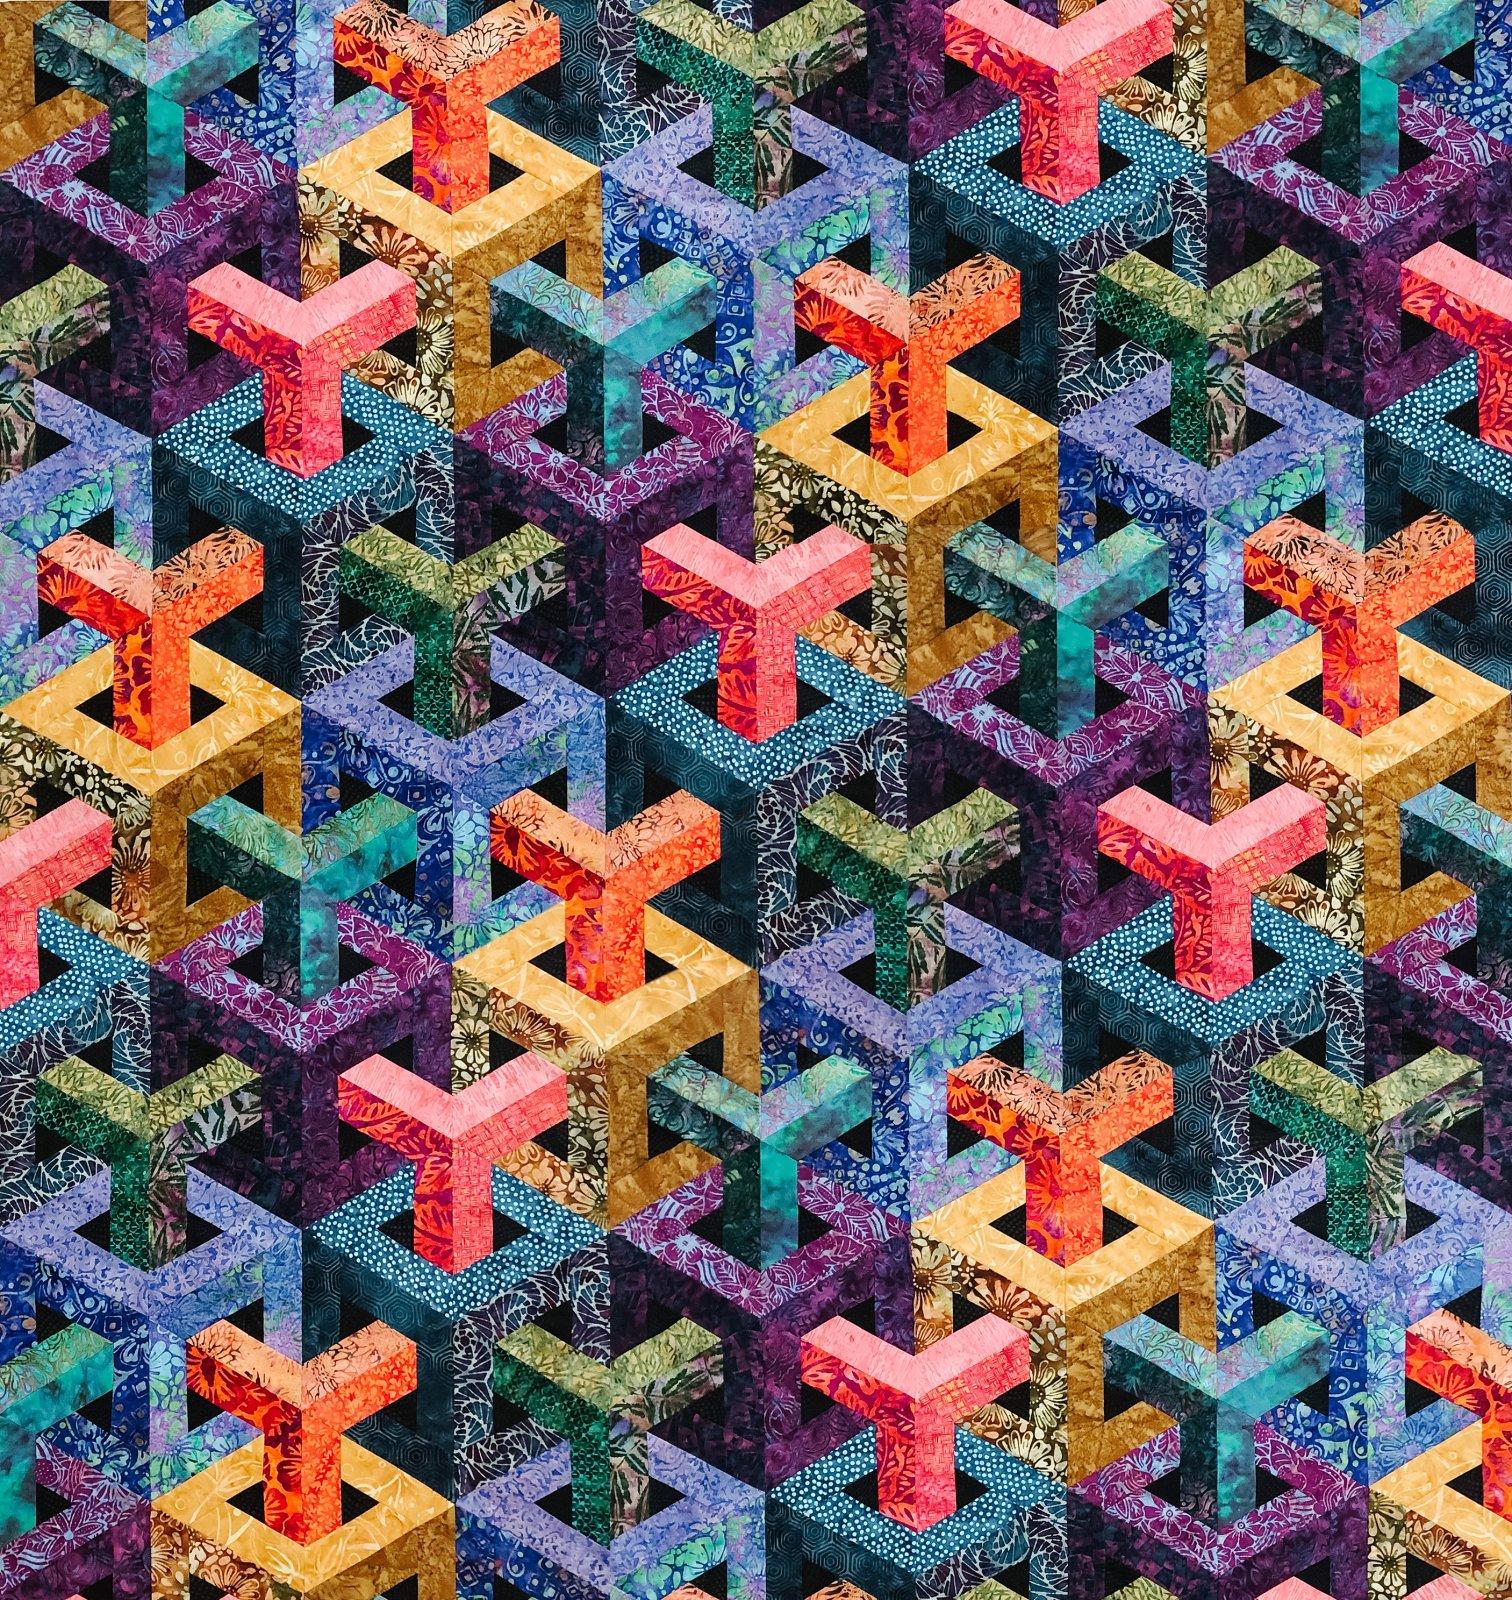 Escher Cubed - Batik